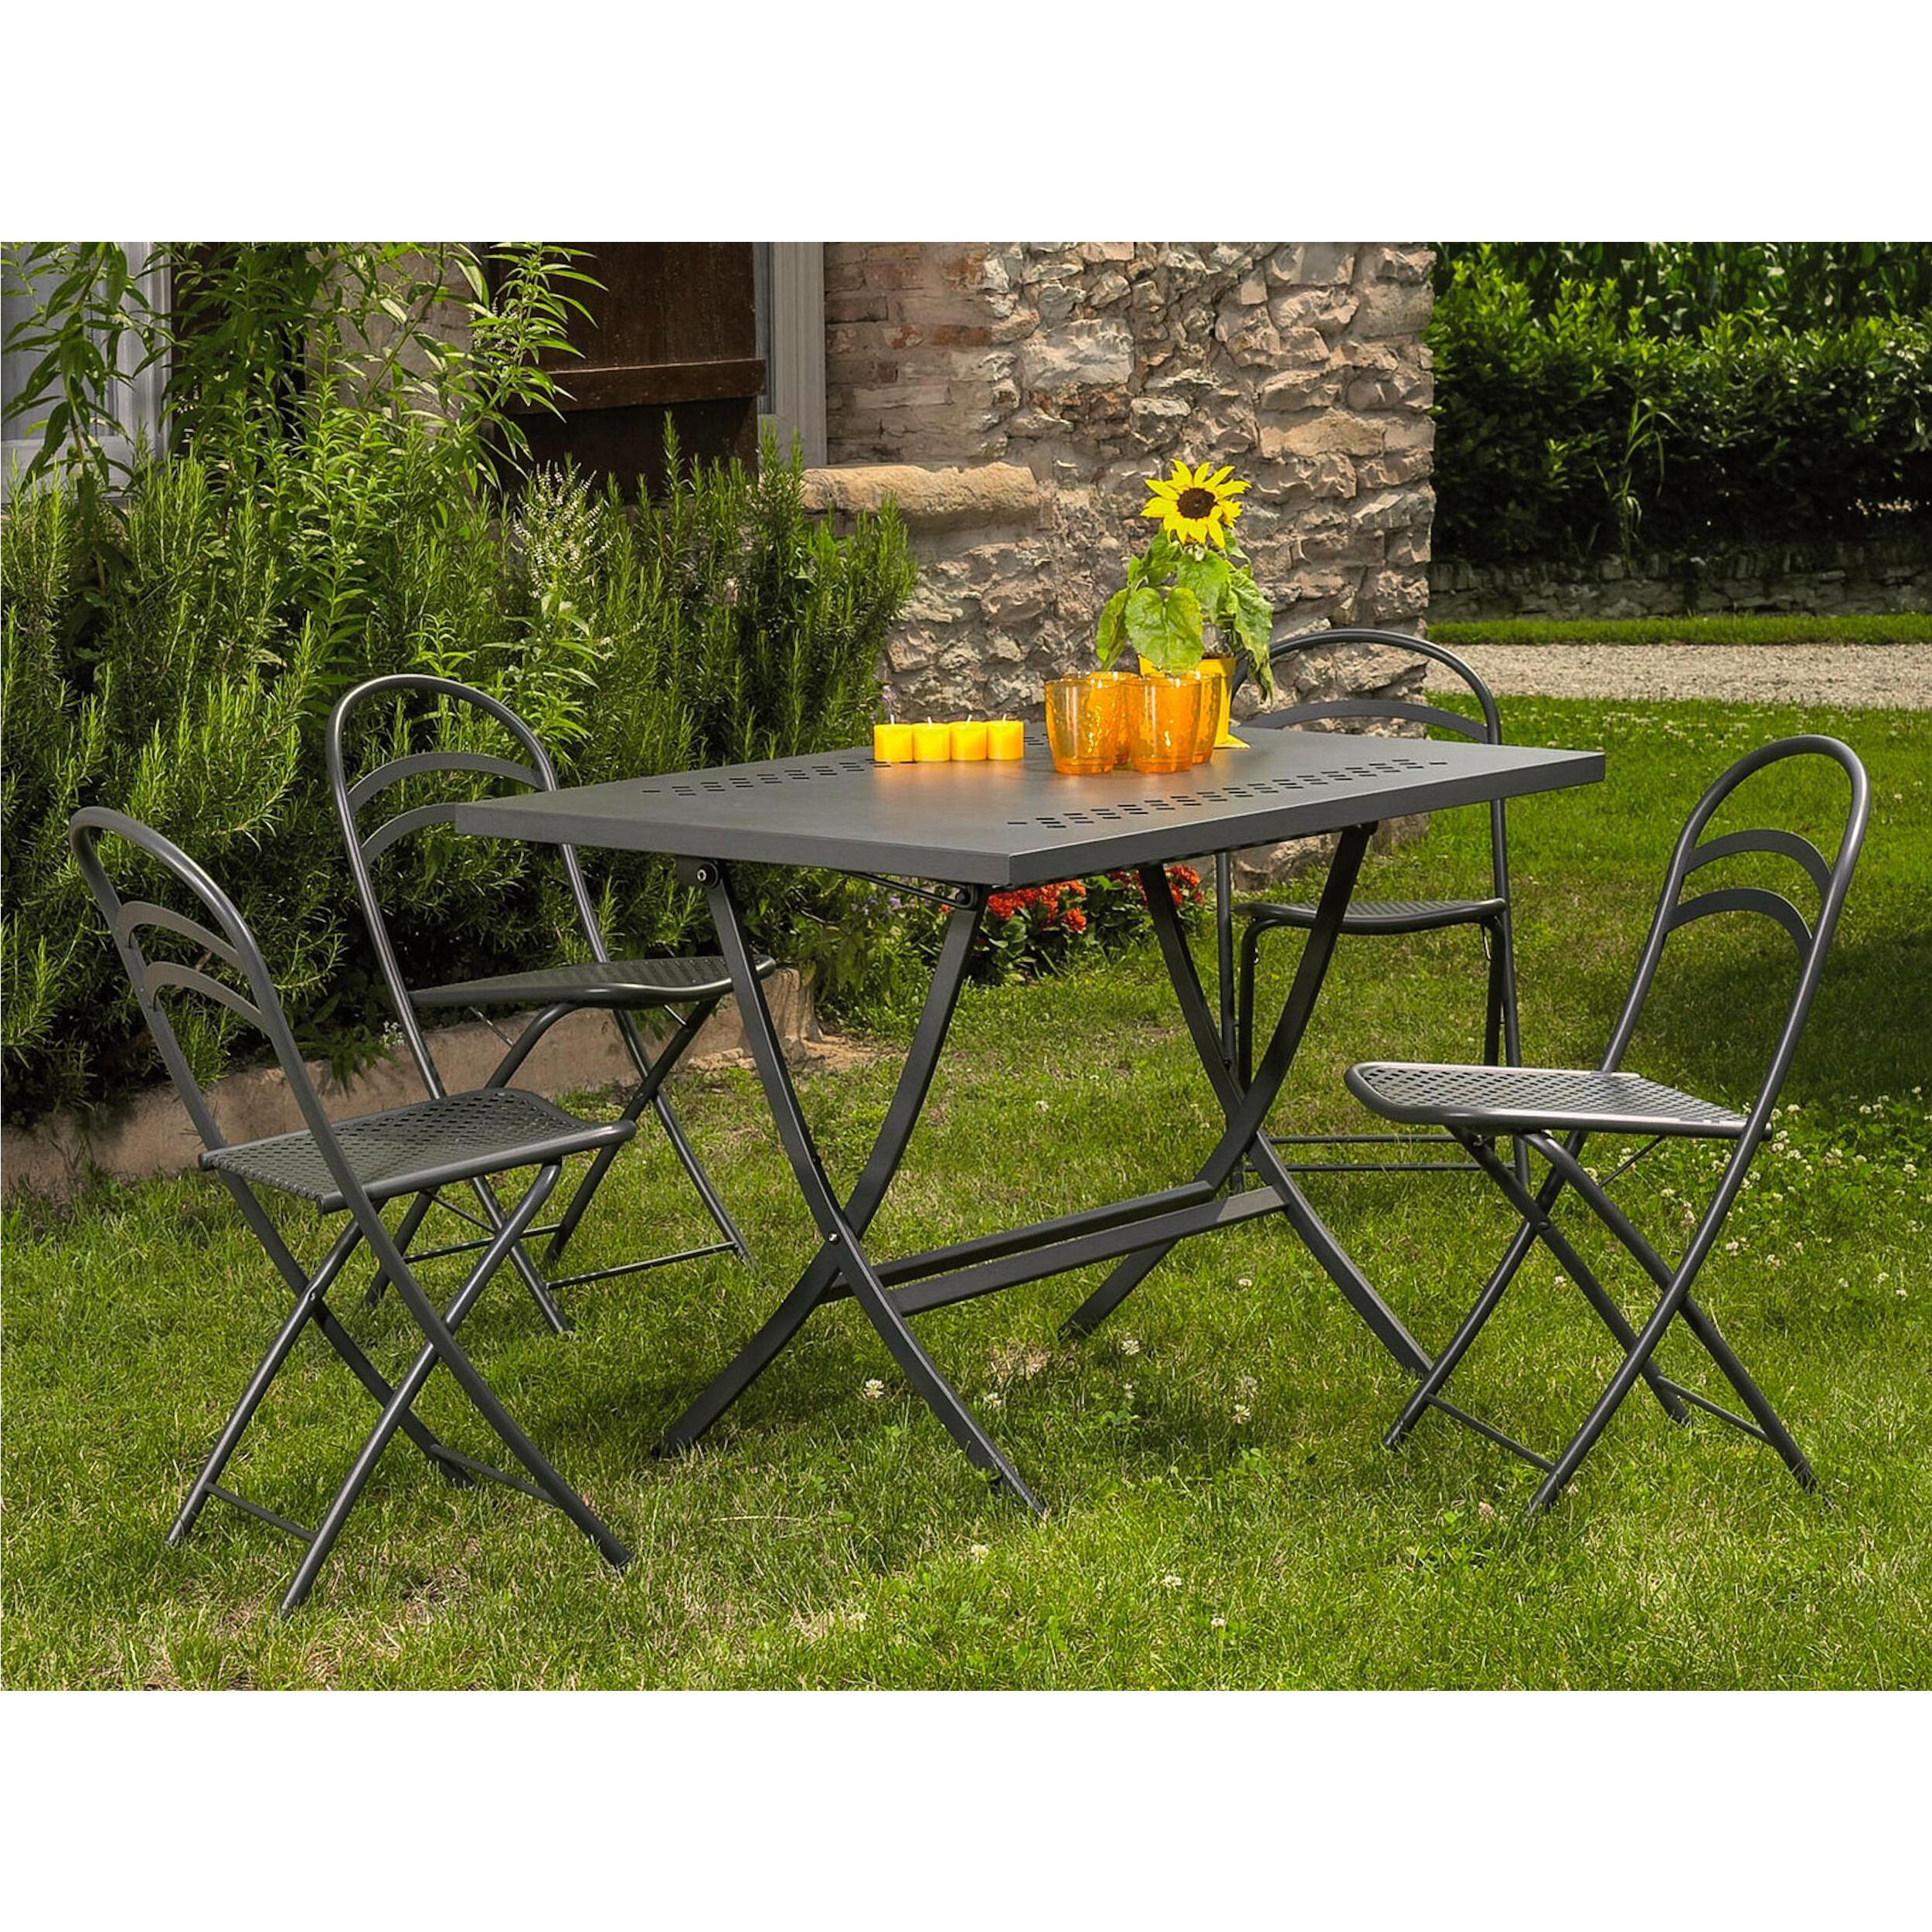 Tavolo Da Giardino richiudibile Hermes 160 Dimensioni 160x80xh75 cm Peso 21,9 kg struttura in acciaio con